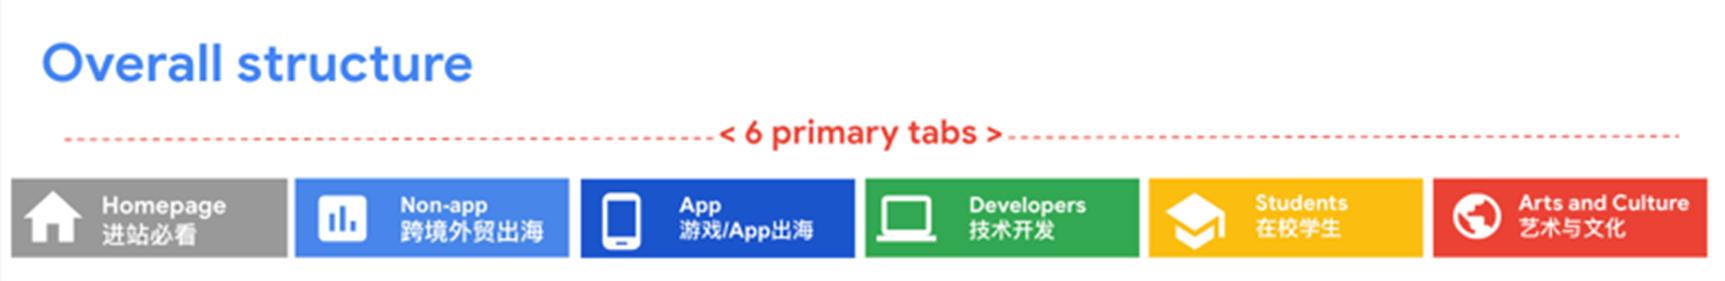 谷歌x知乎:出海人的破局新思路-插图3.png